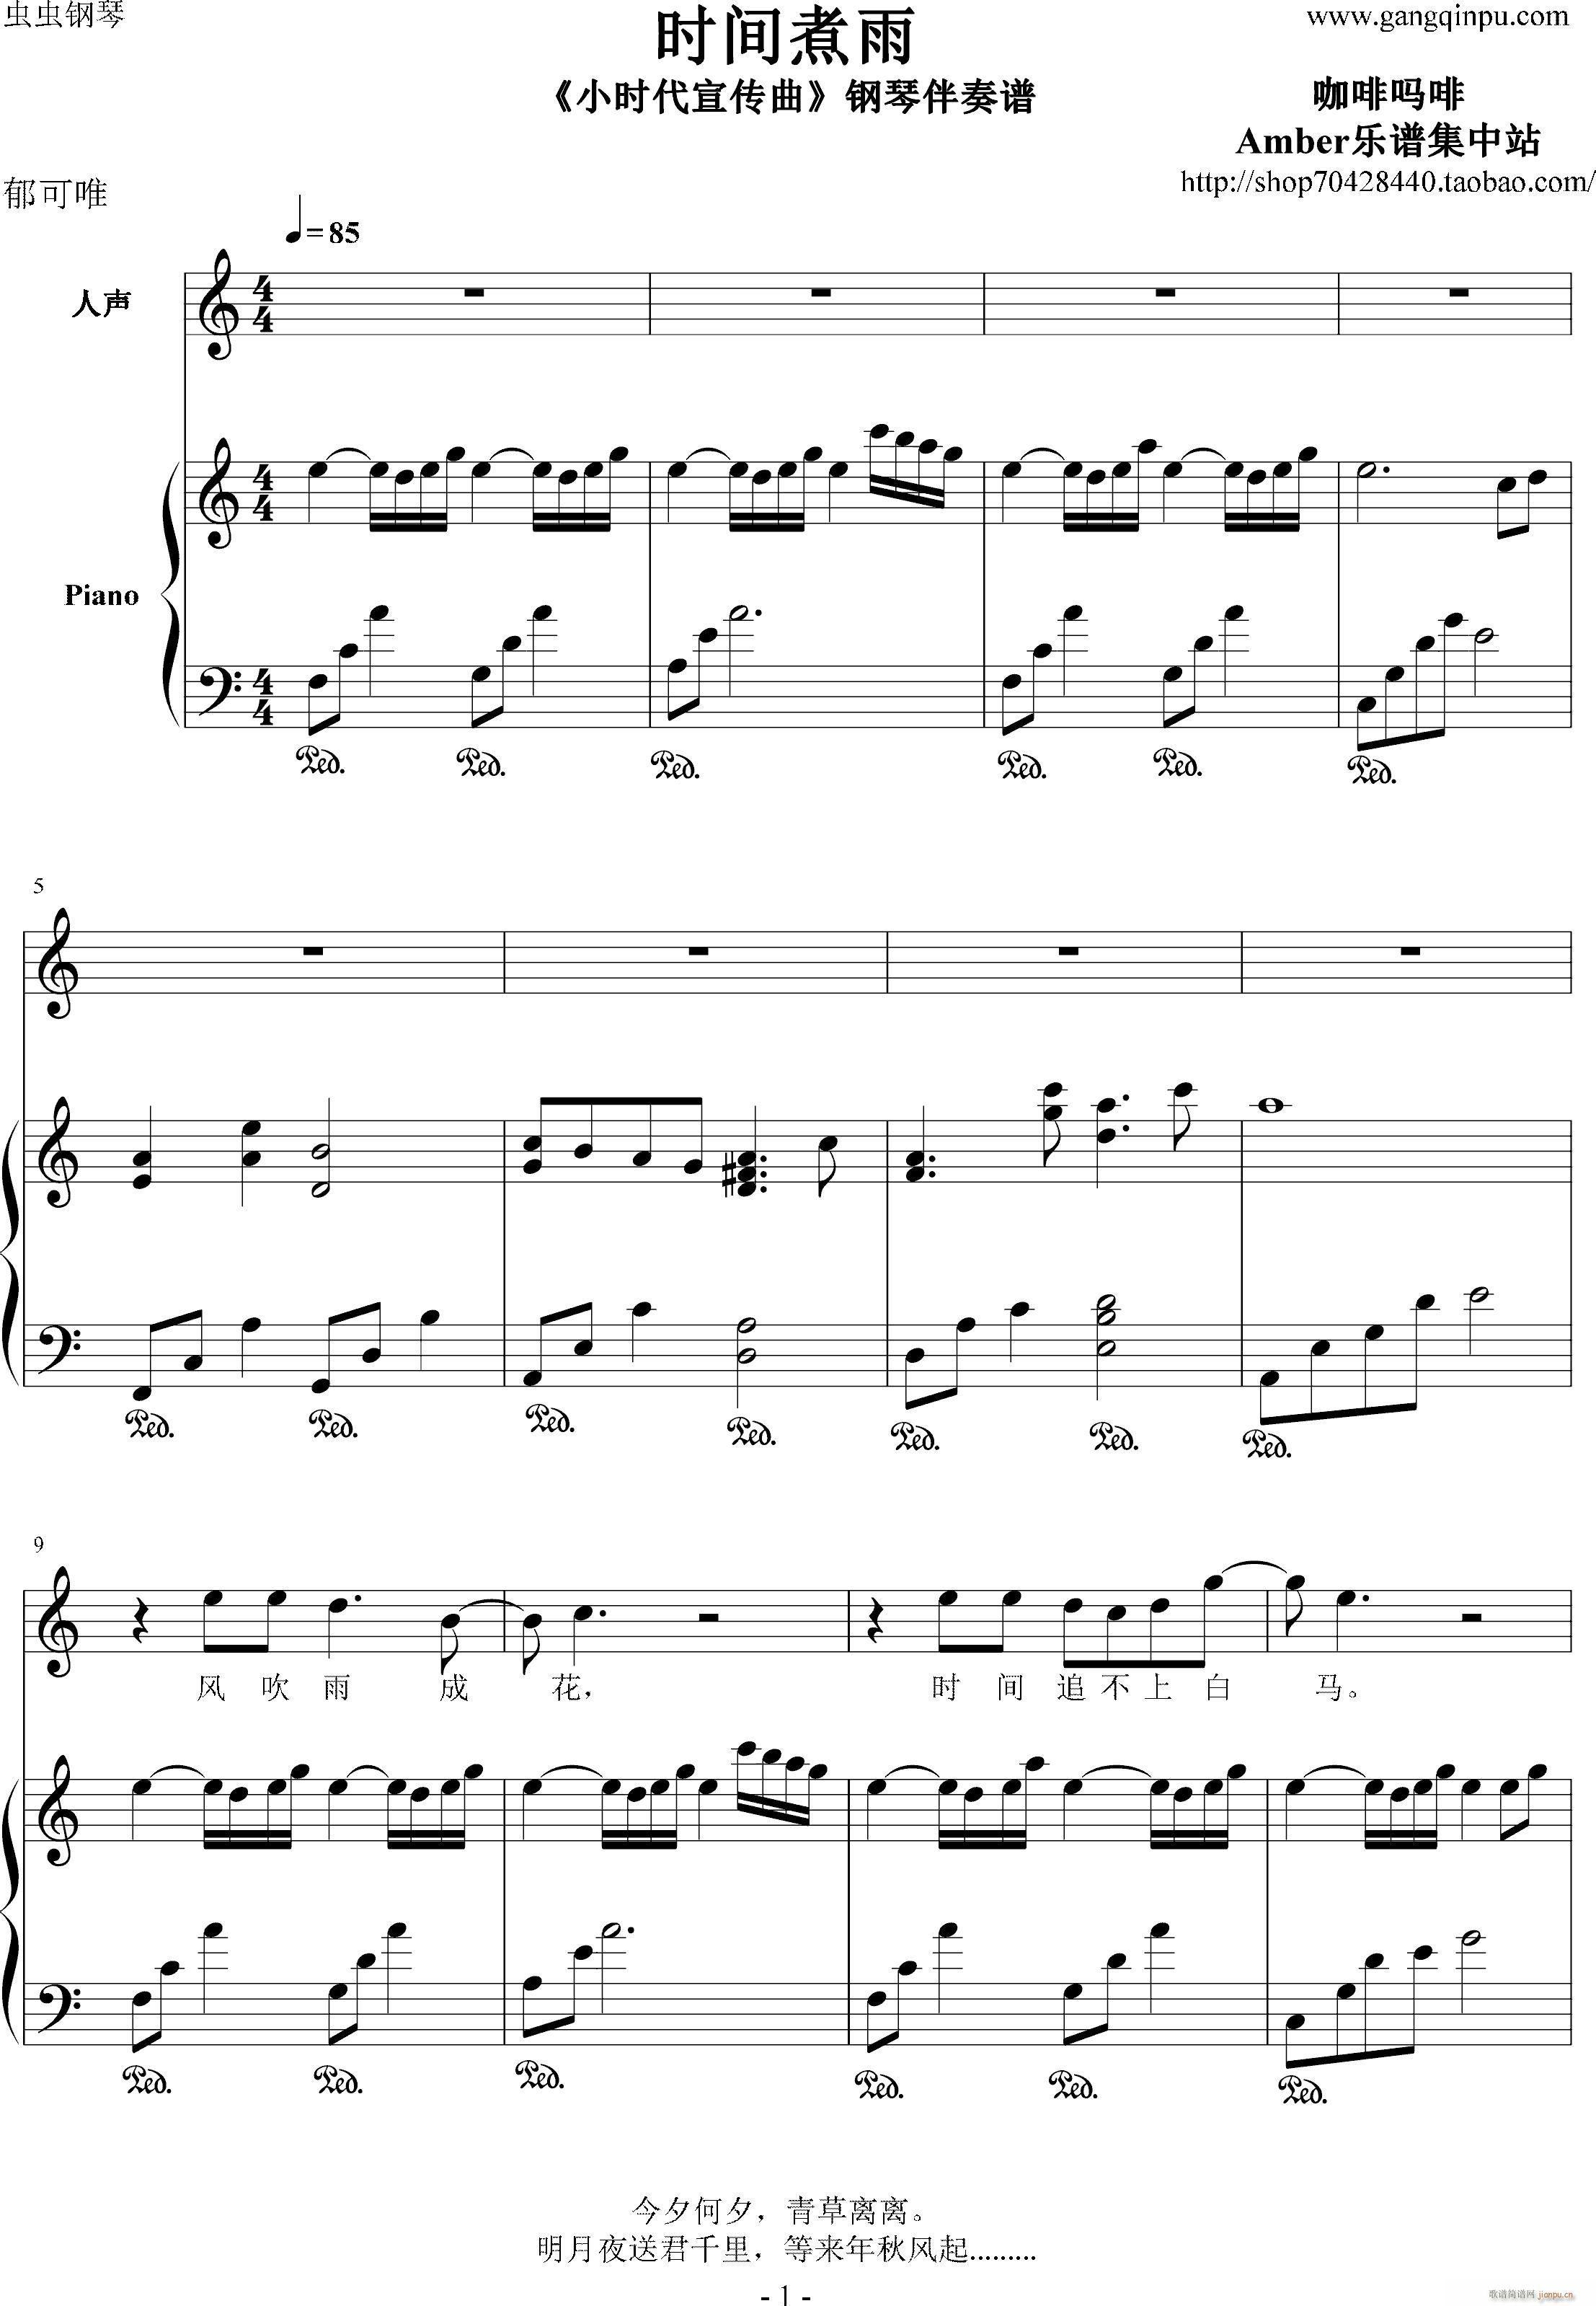 钢琴谱翻译成简谱的热心能人看这里~求翻译时间煮雨的